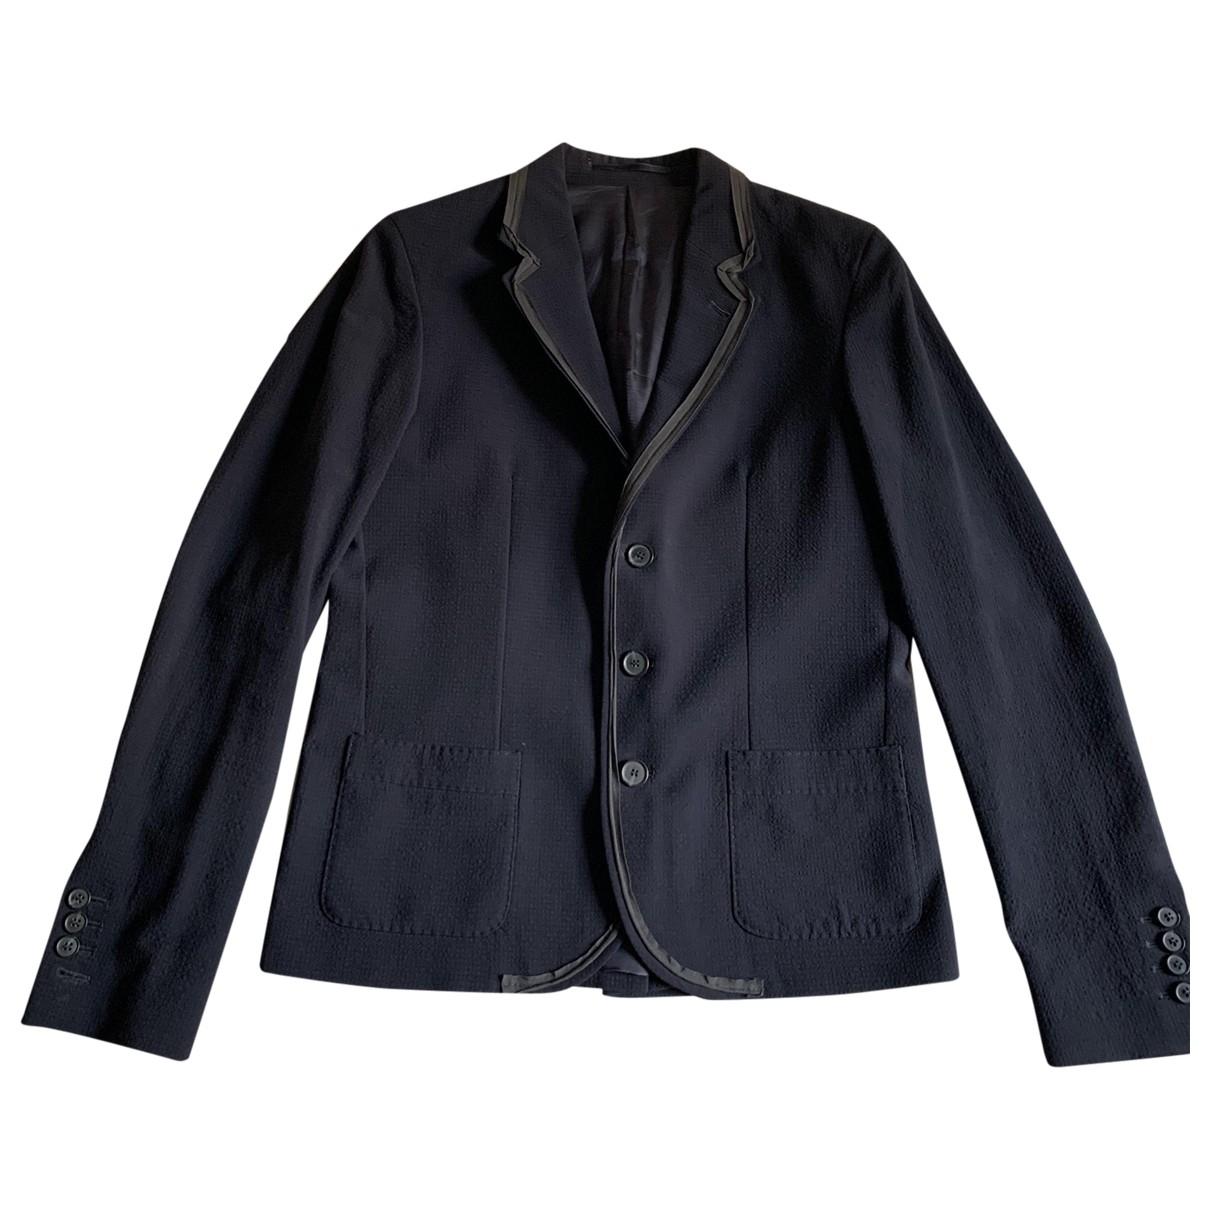 Lanvin For H&m - Vestes.Blousons   pour homme en laine - bleu